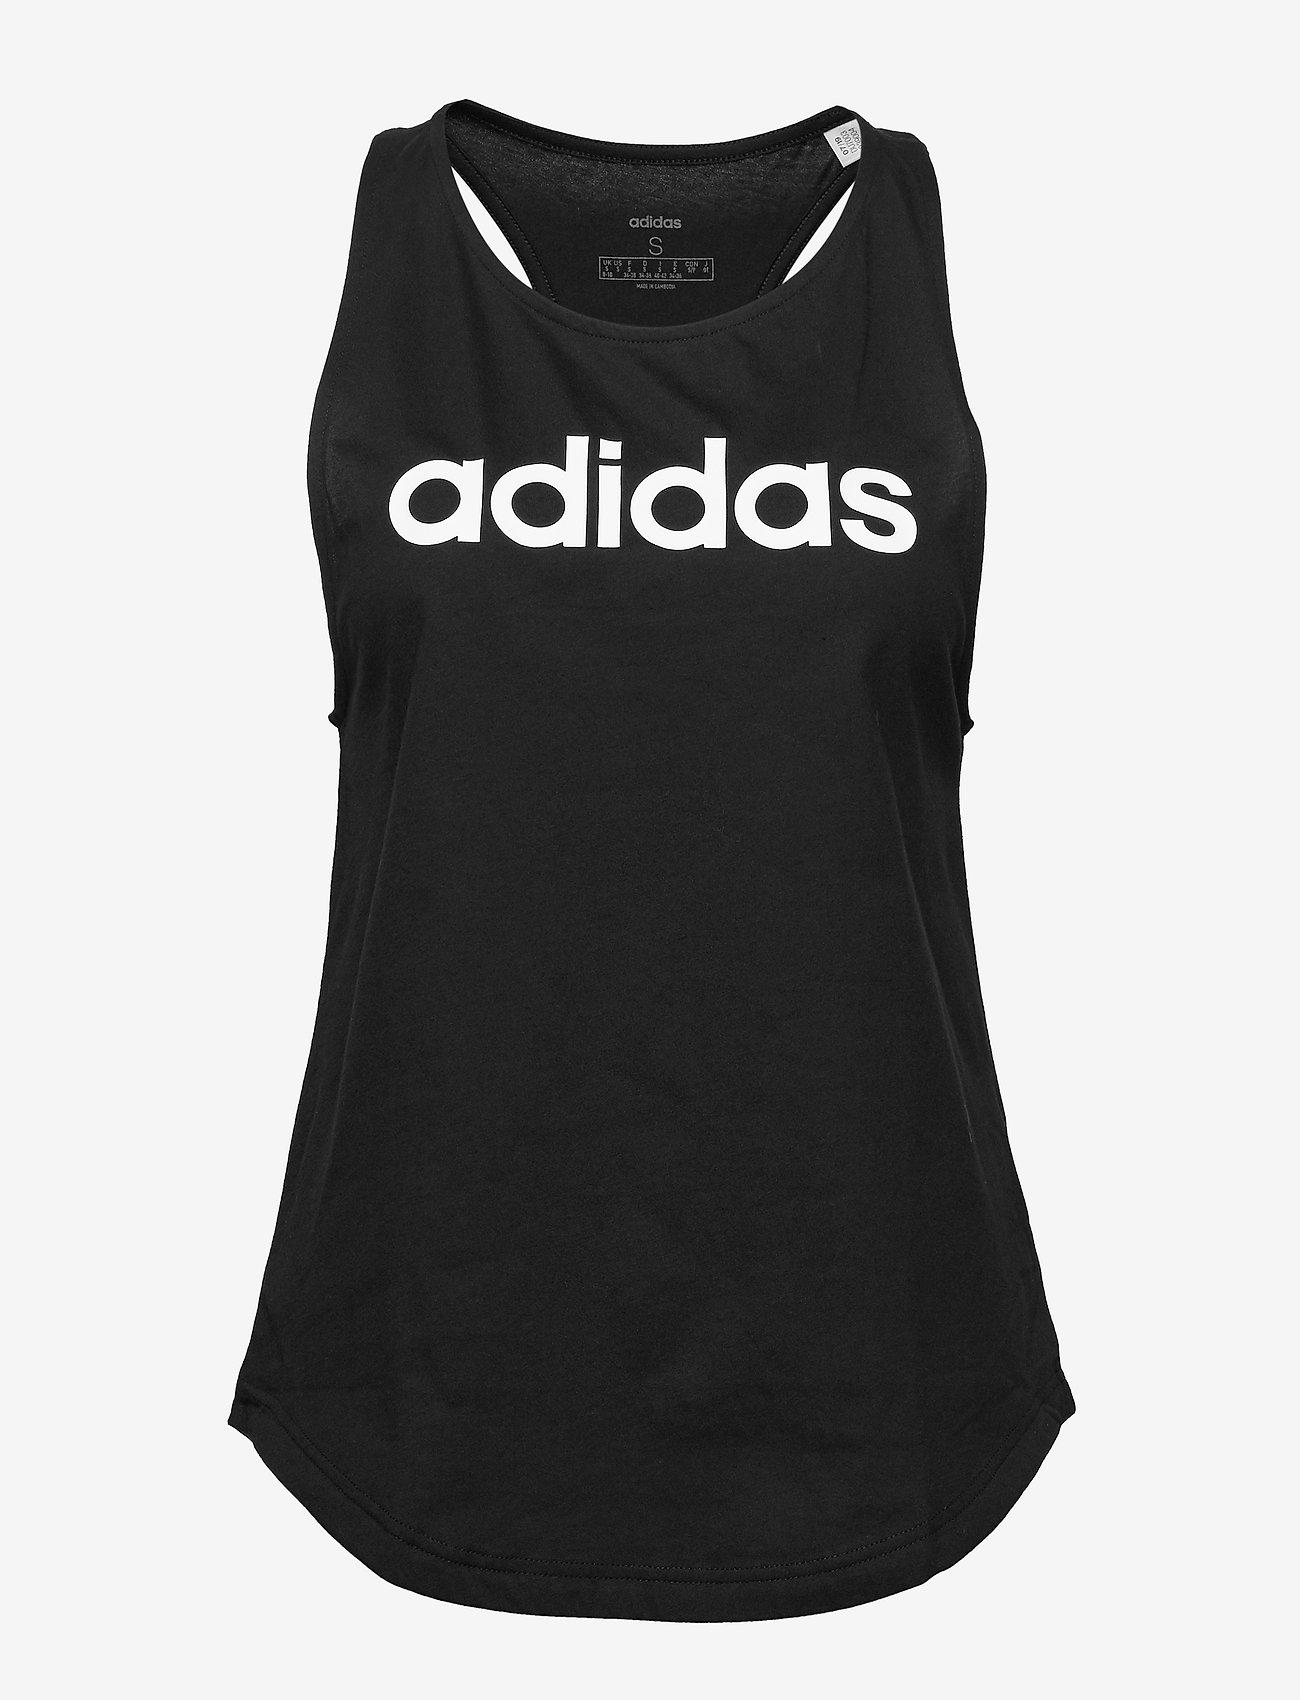 adidas Performance - W E LIN LOOS TK - podkoszulki bez rękawów - black/white - 1